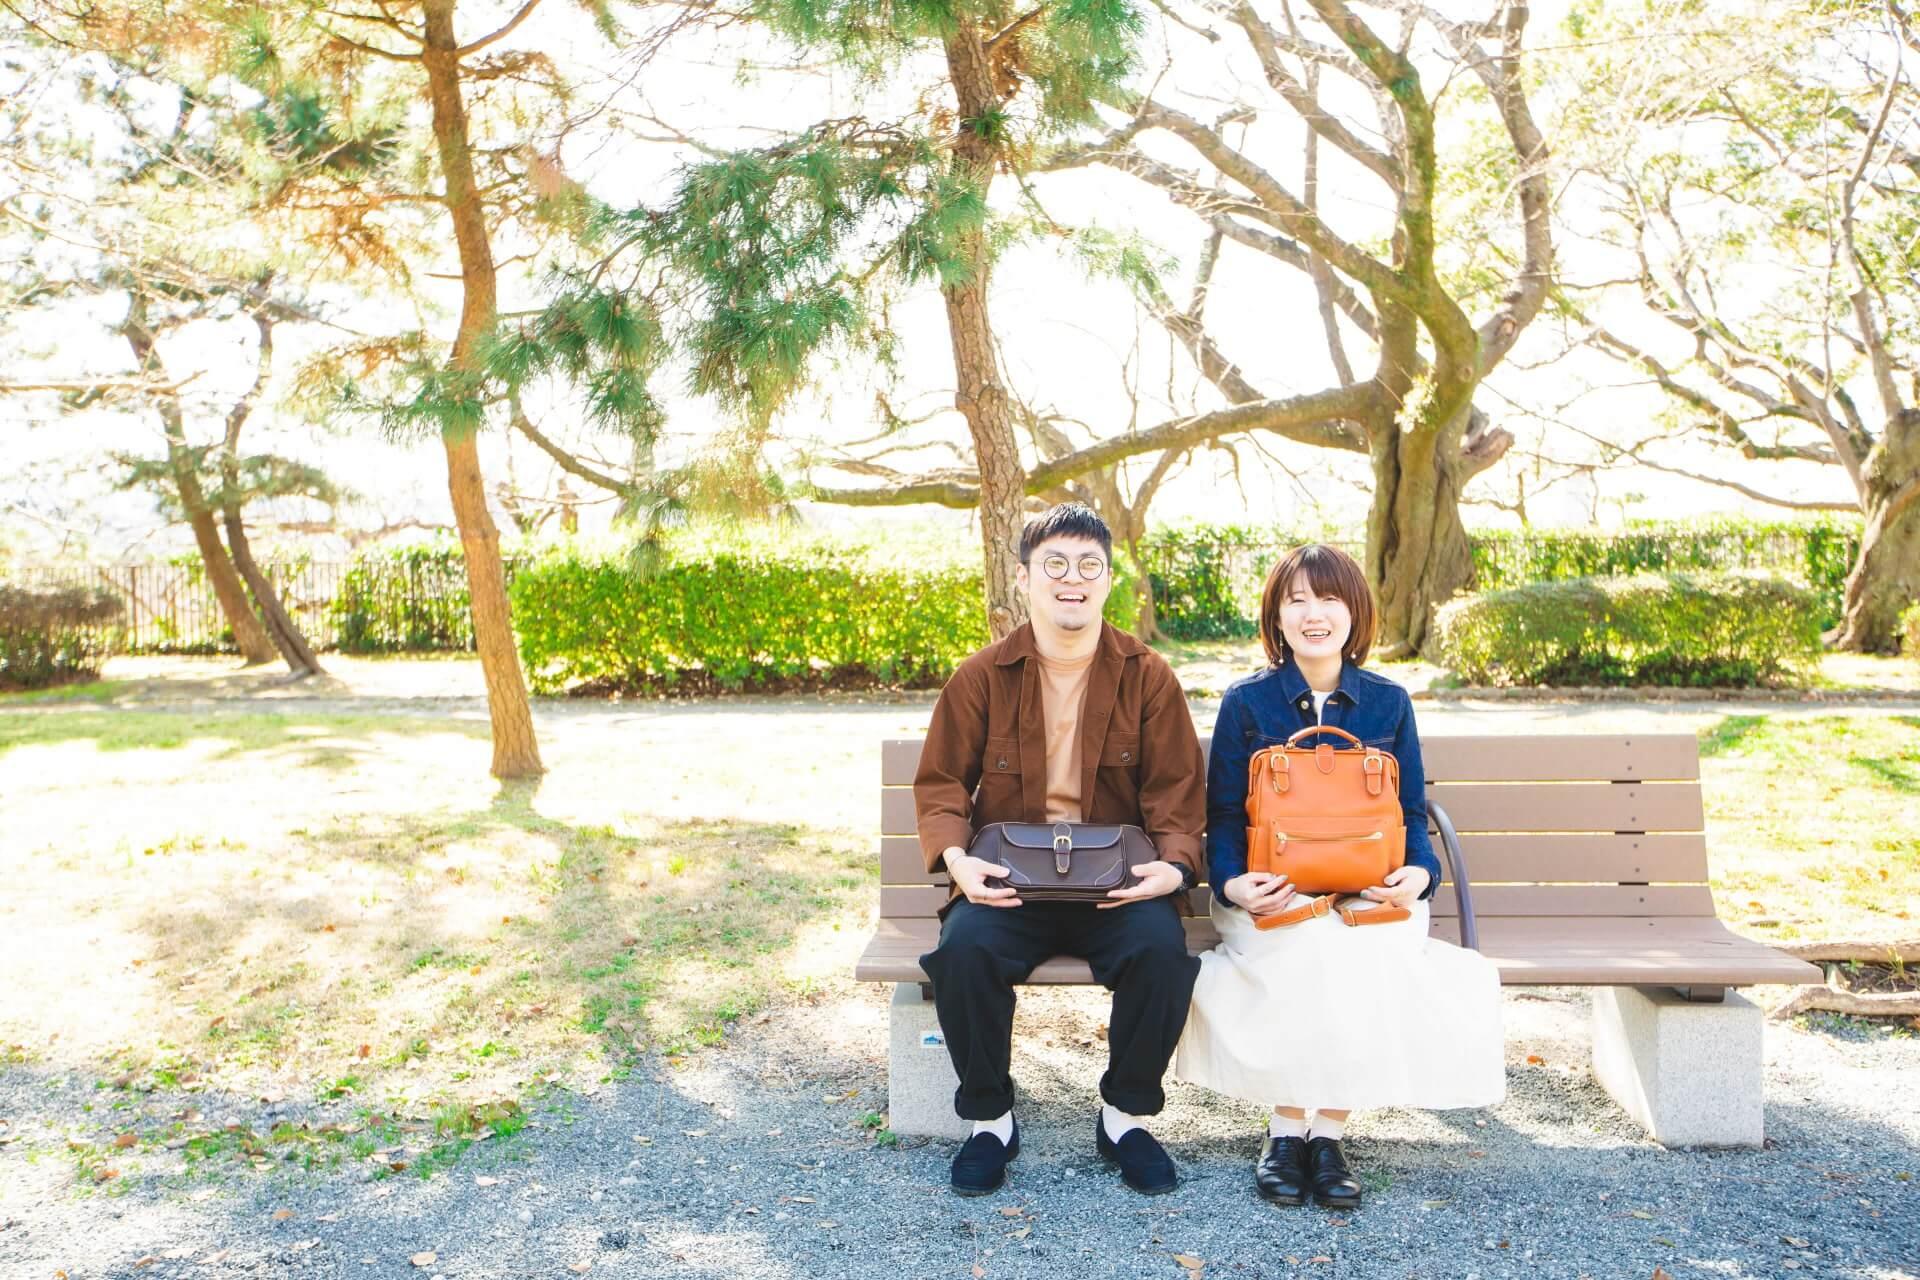 革バッグを持つカップル